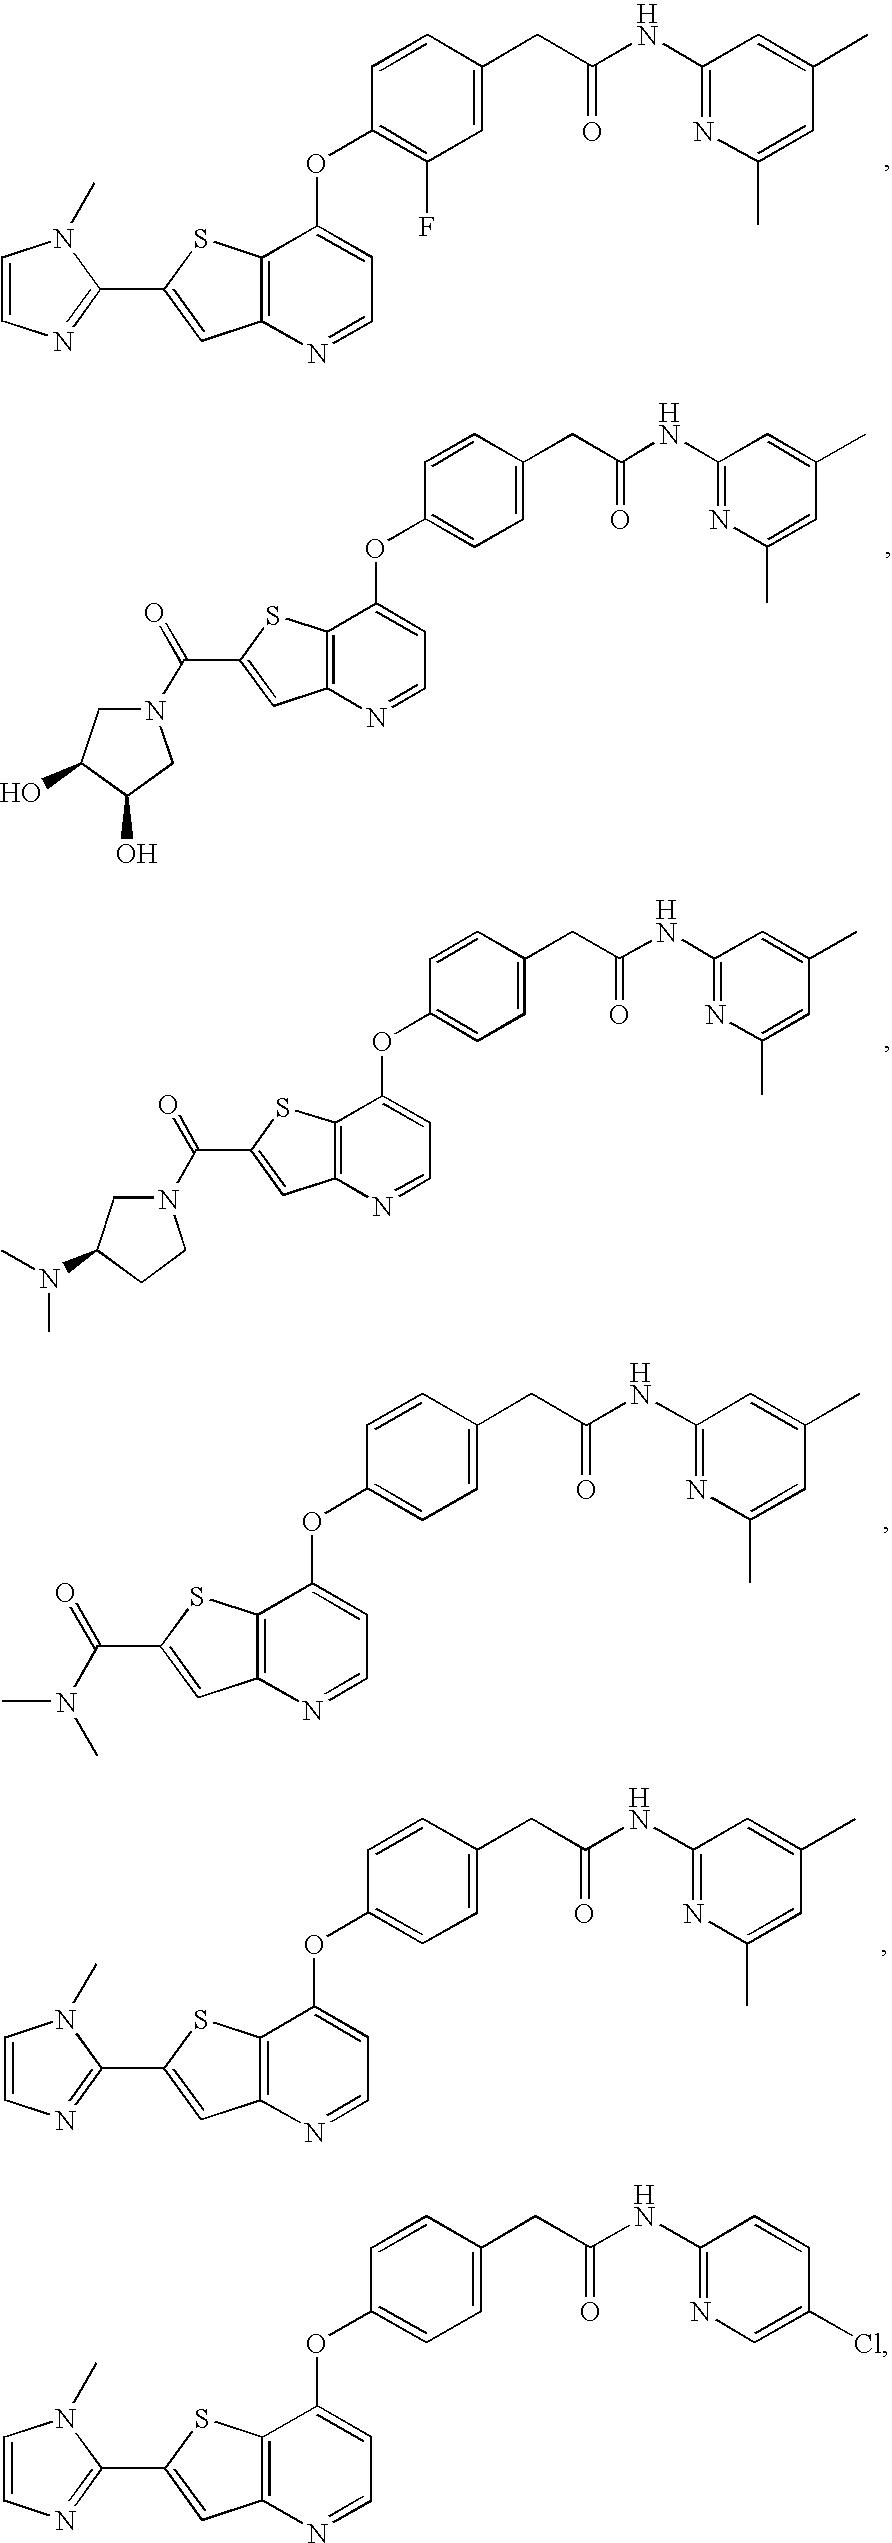 Figure US07208500-20070424-C00164